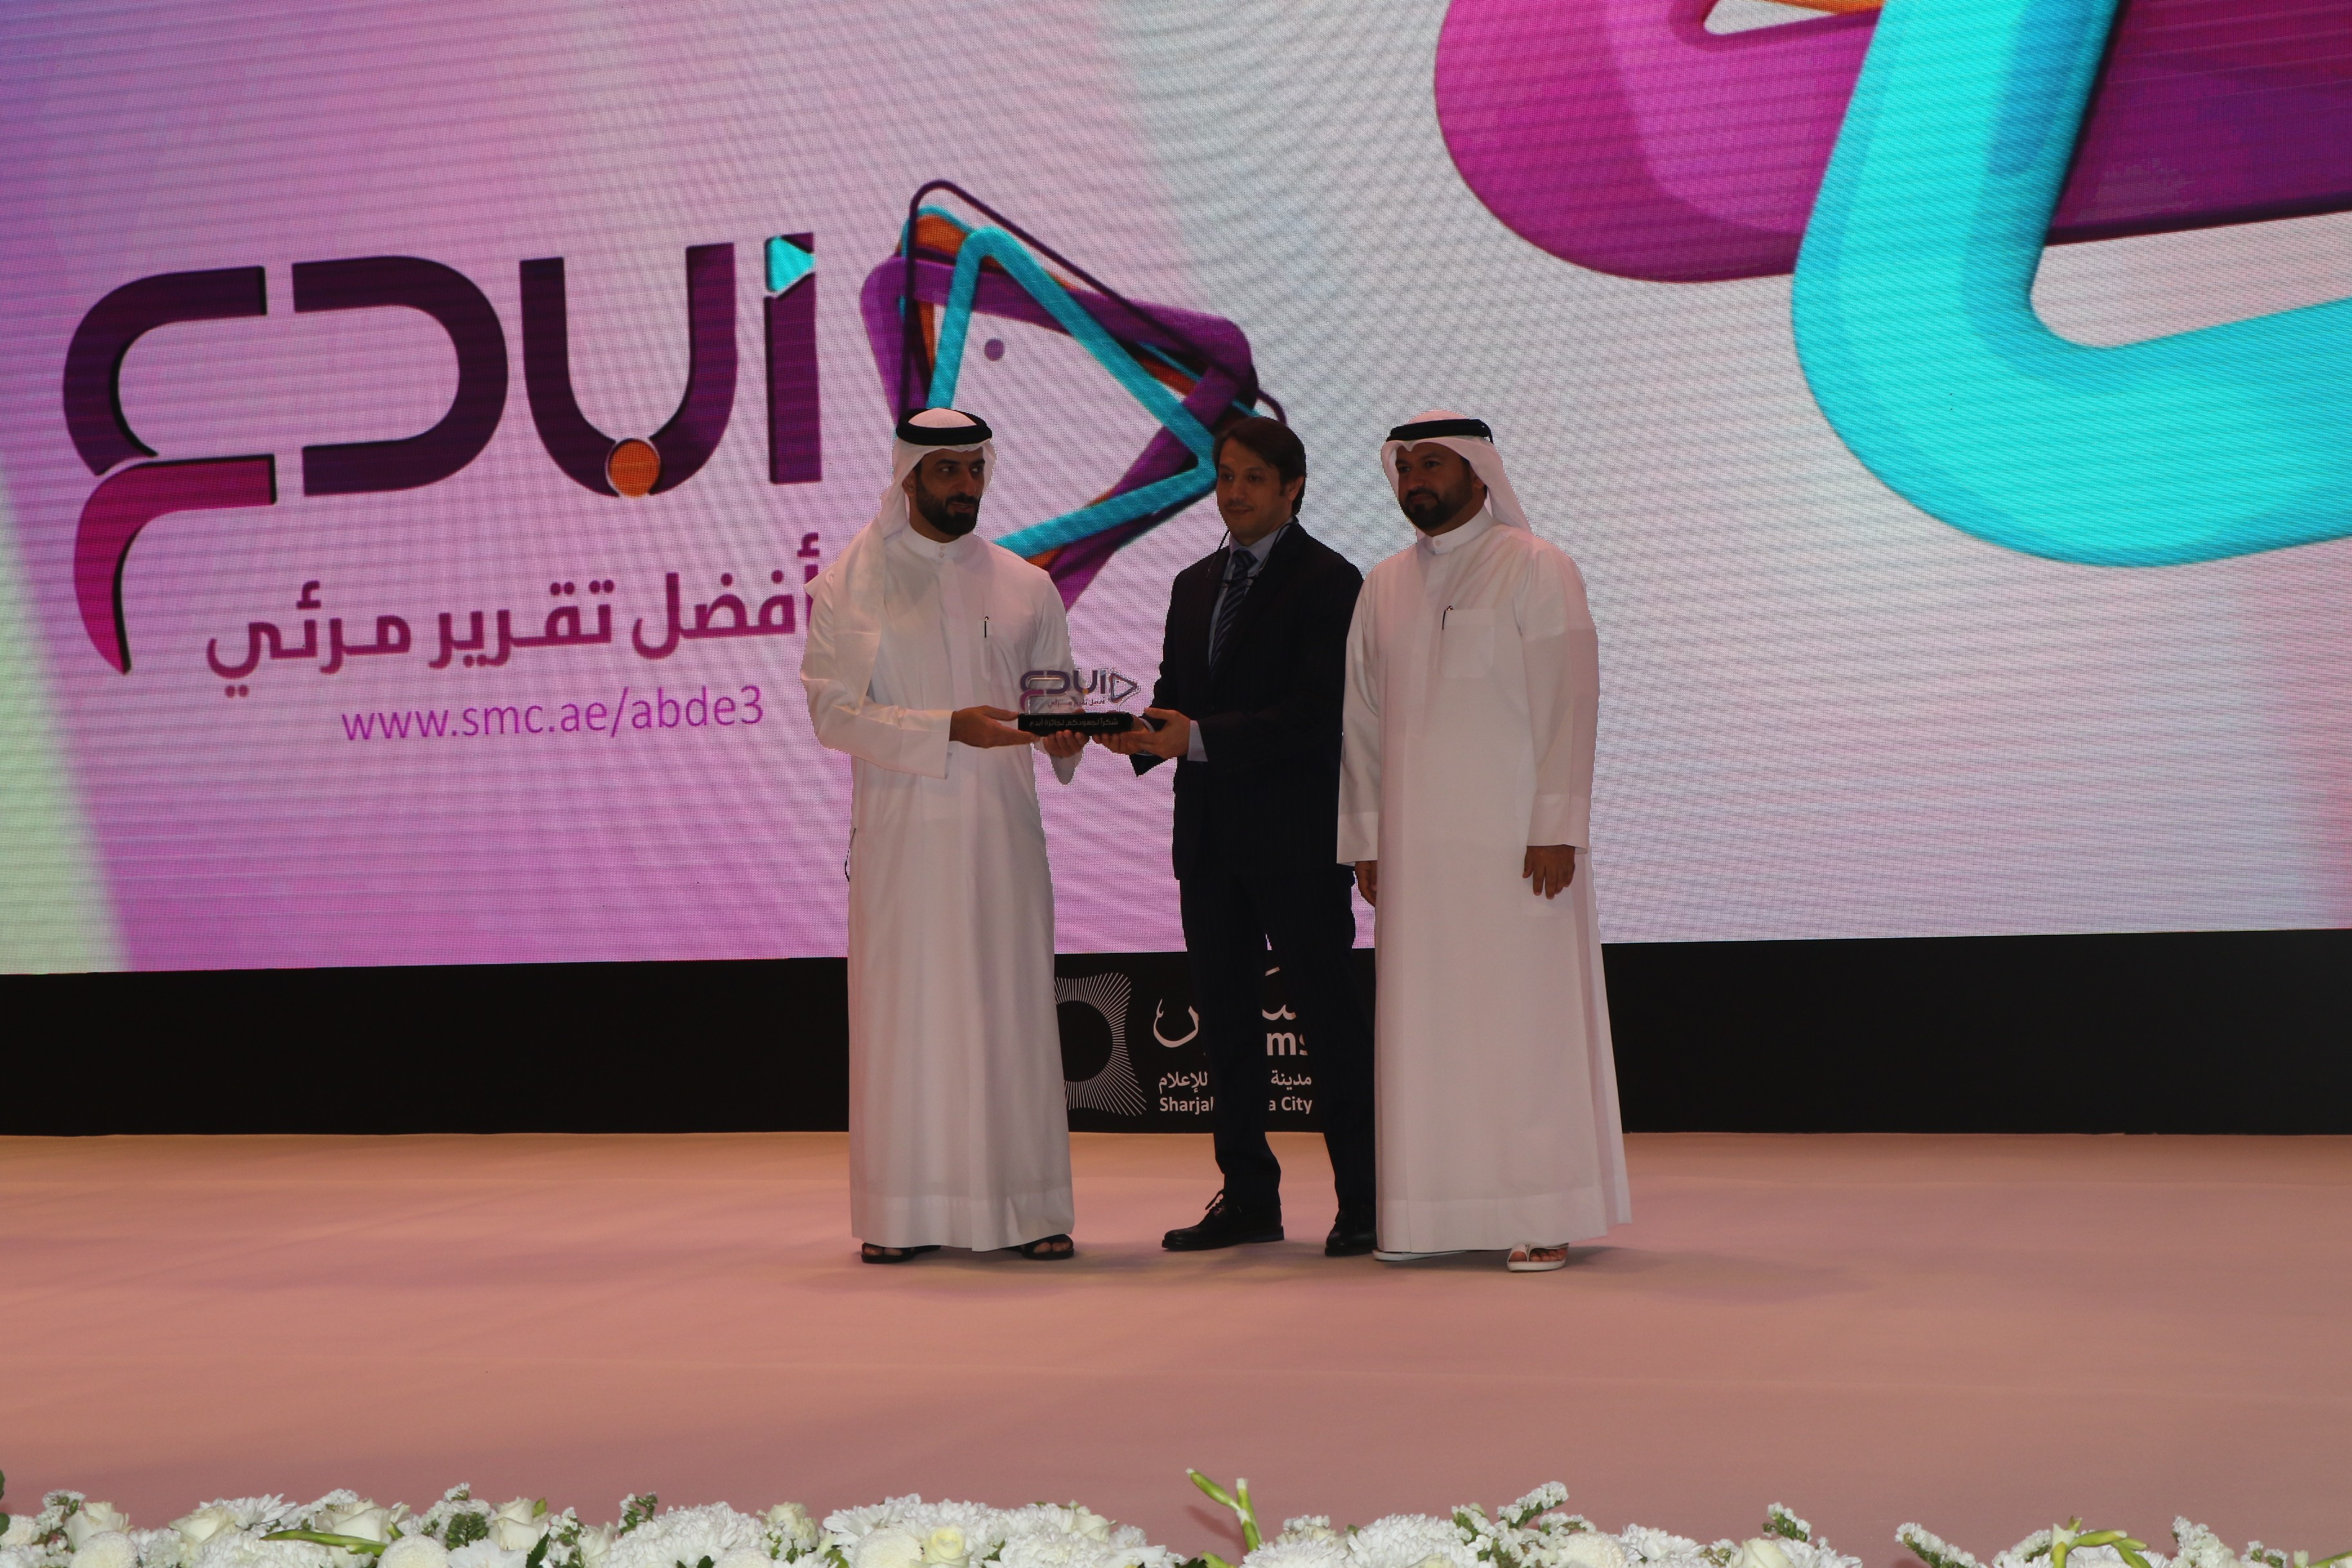 مشاركة مدينة الشارقة للإعلام (شمس) في جائزة أبدع